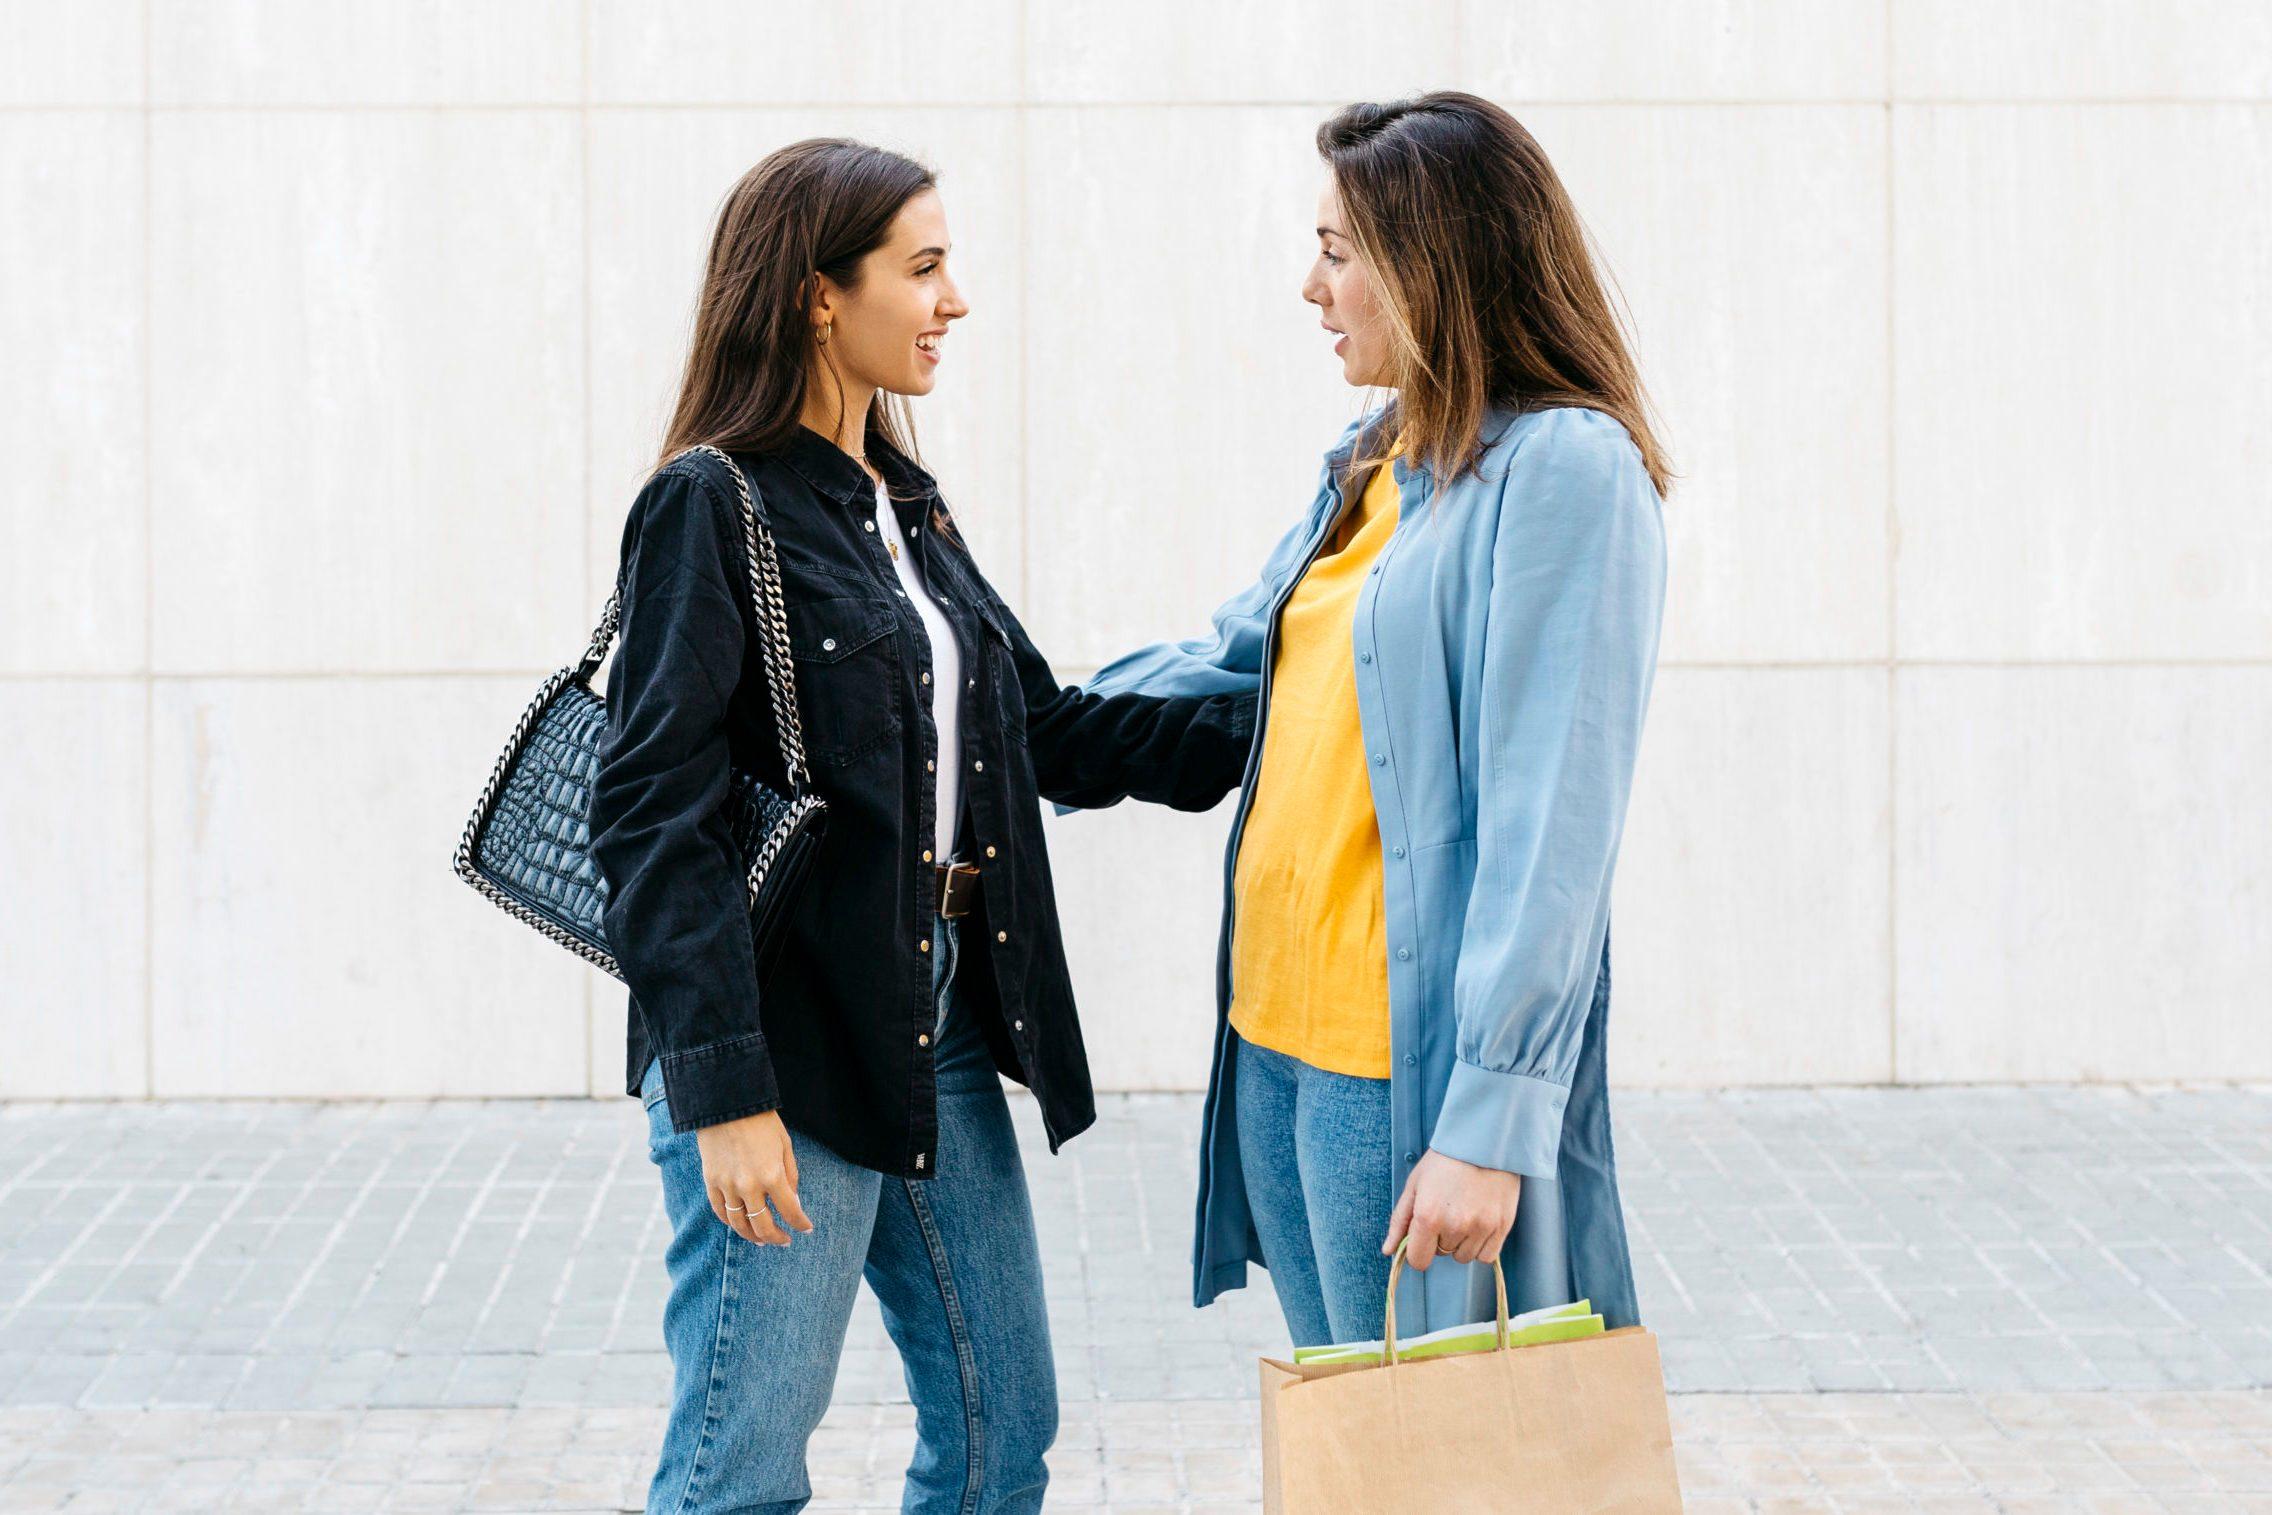 Two women talking during shopping